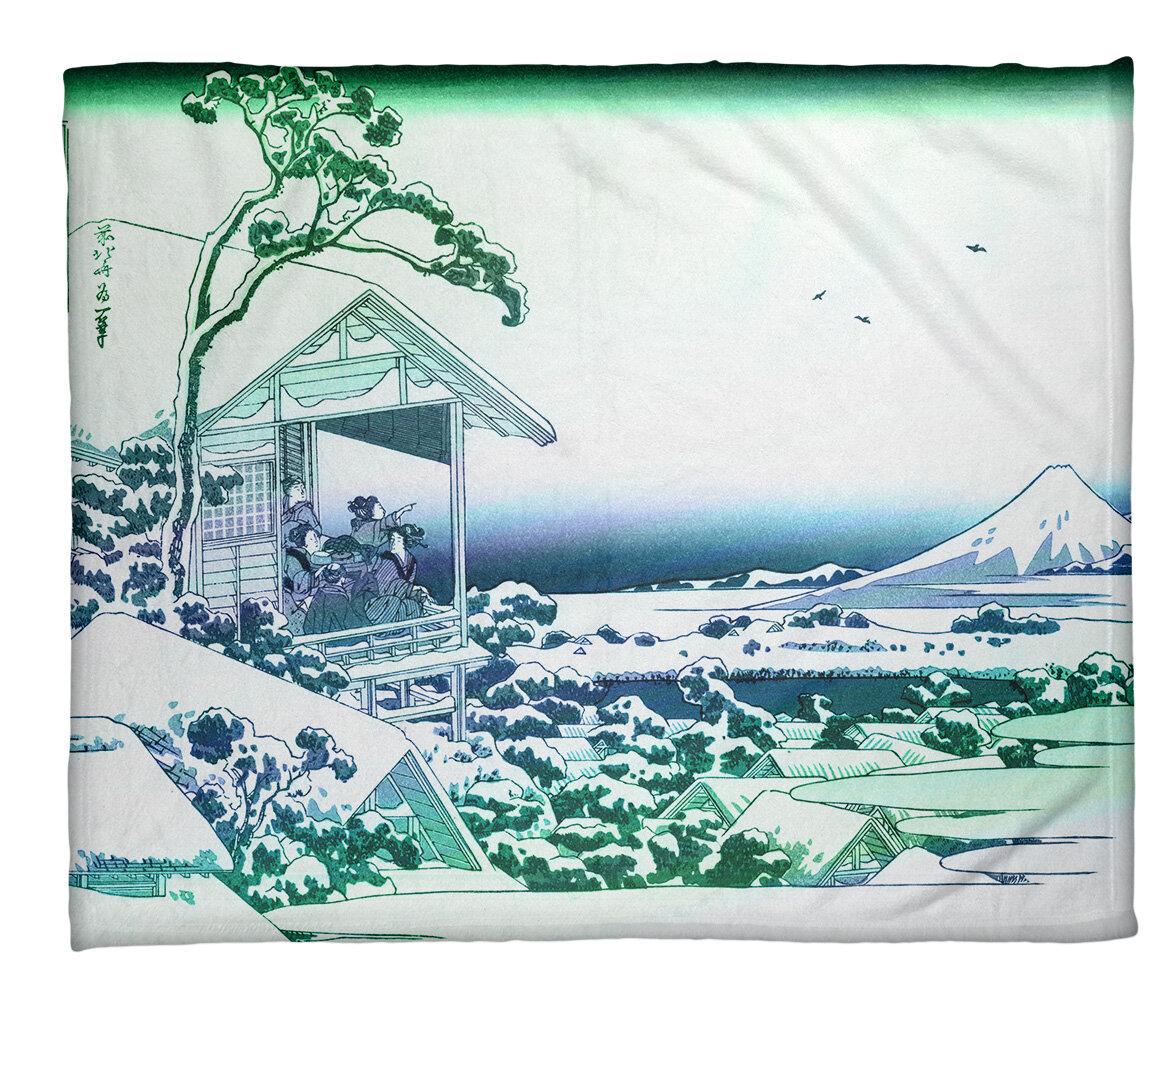 East Urban Home Katsushika Hokusai Tea House At Koishikawa Fleece Throw Wayfair